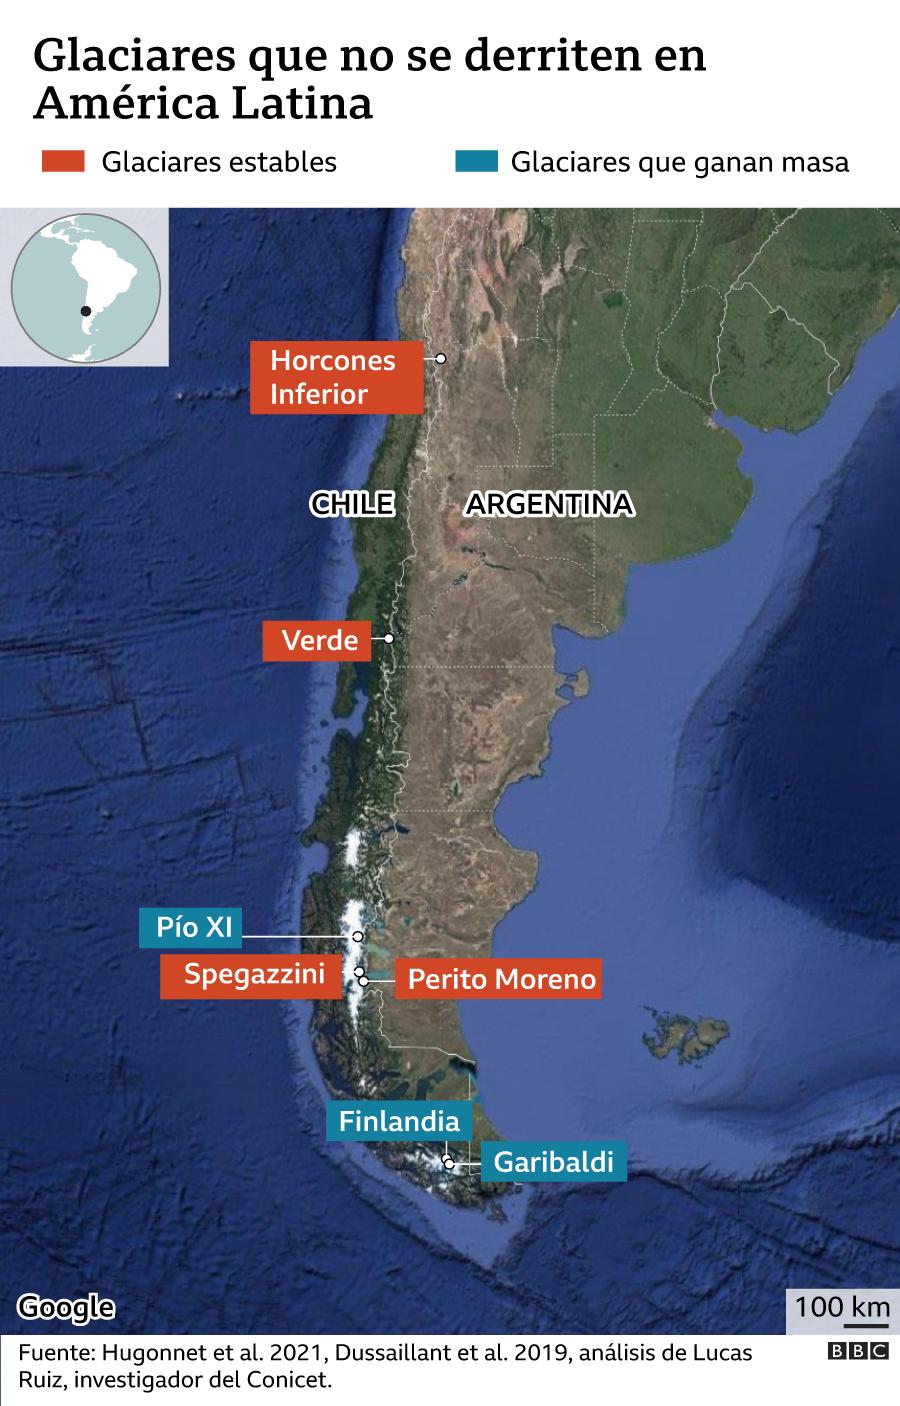 Mapa de ubicación de los glaciares